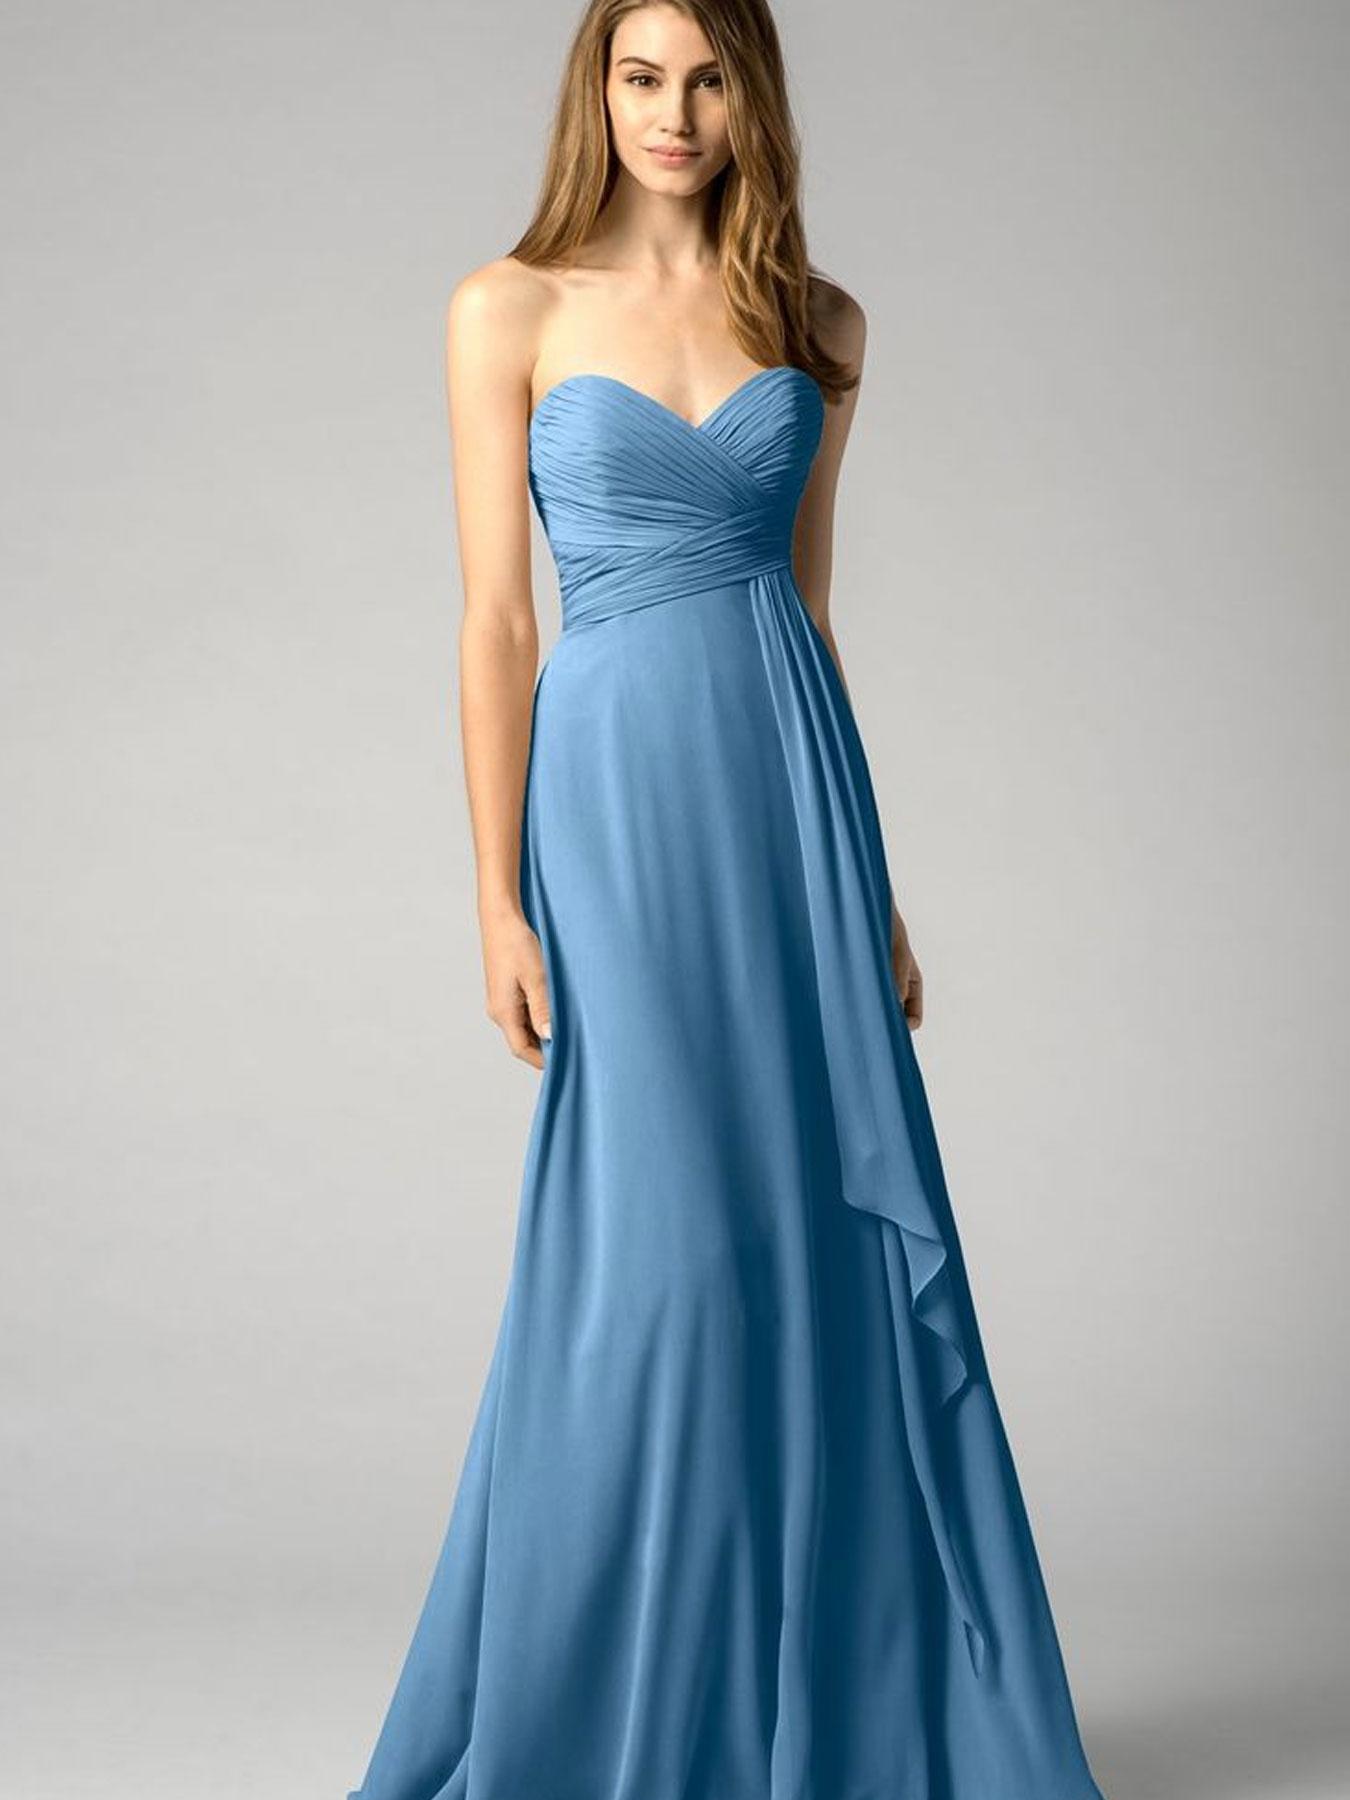 Wedding Dresses Stores In Buffalo Ny 5